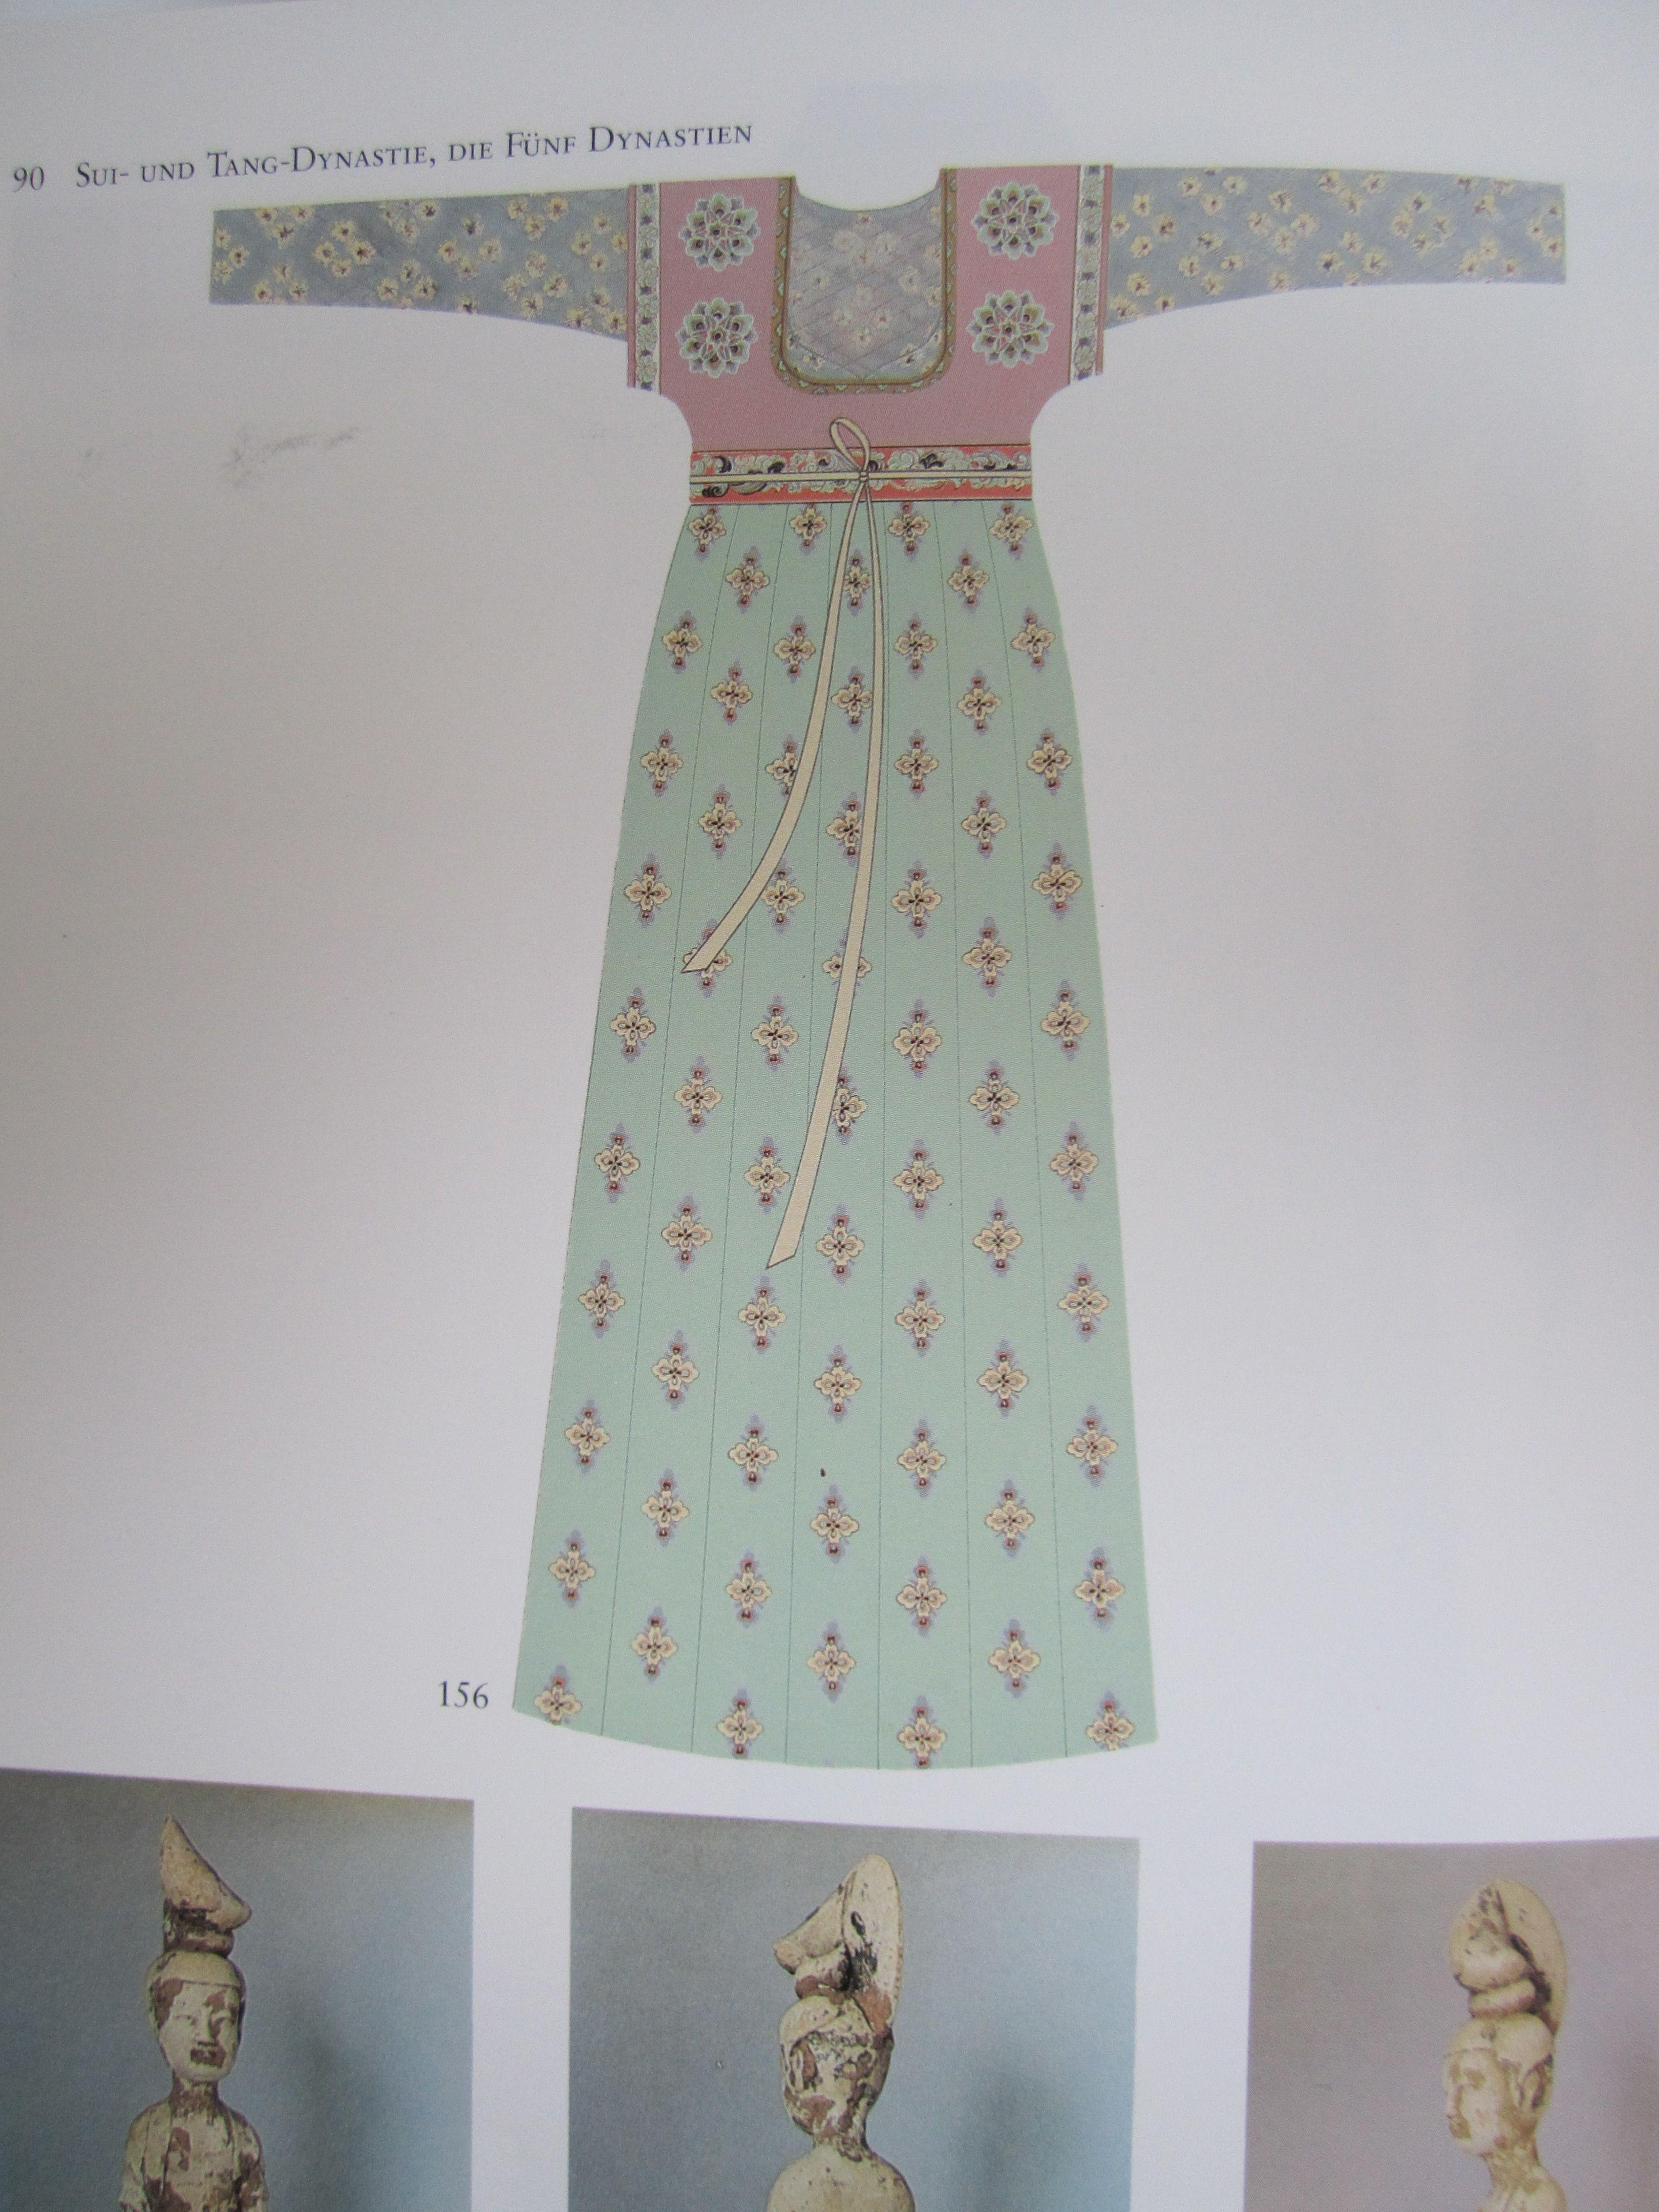 Einfache Frauenkleidung Sui/Tang, Historische Rekonstruktion